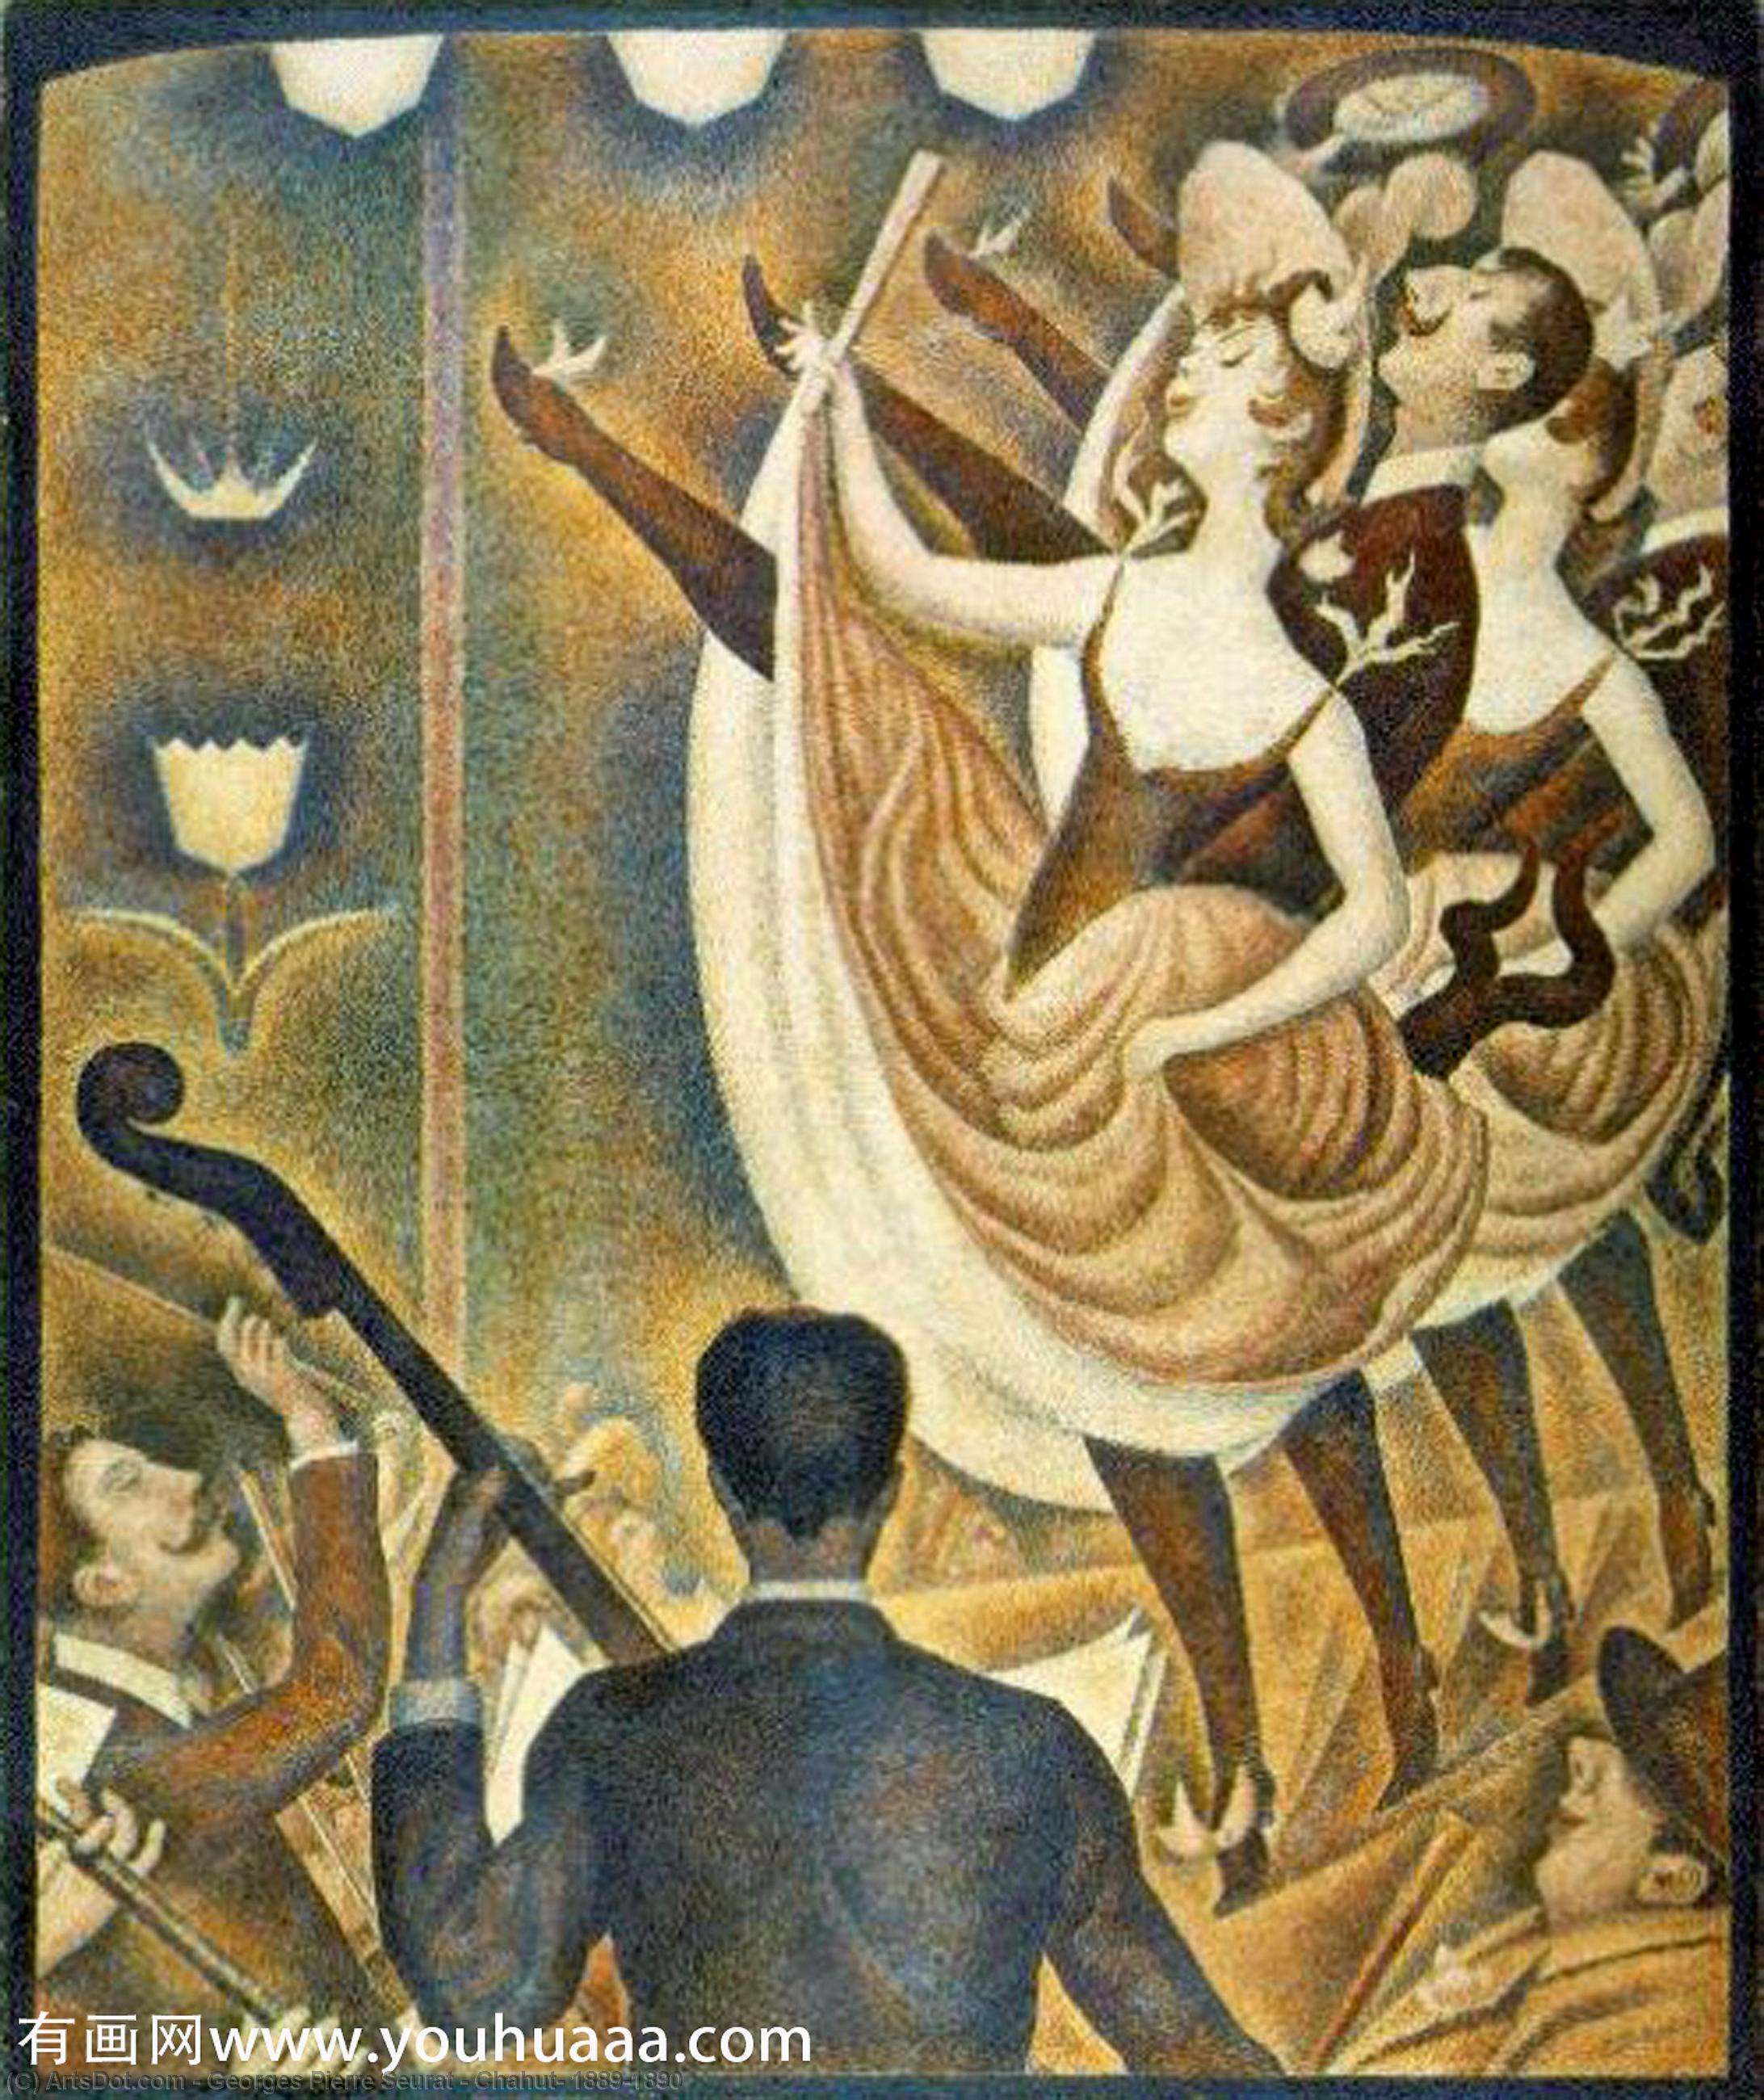 WikiOO.org - Энциклопедия изобразительного искусства - Живопись, Картины  Georges Pierre Seurat - Chahut , 1889-1890